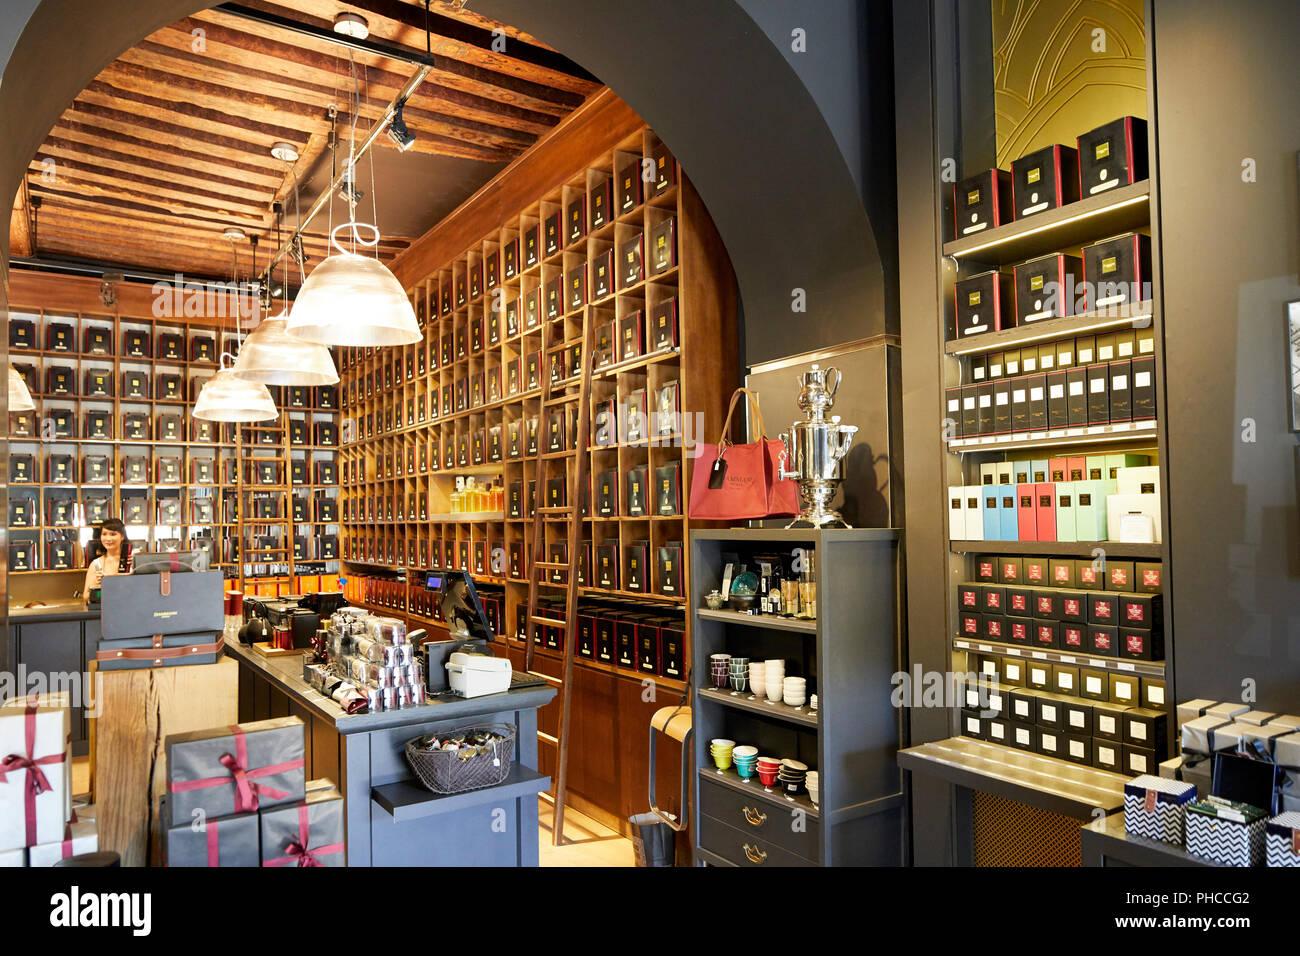 Tea Shop Stock Photos & Tea Shop Stock Images - Alamy